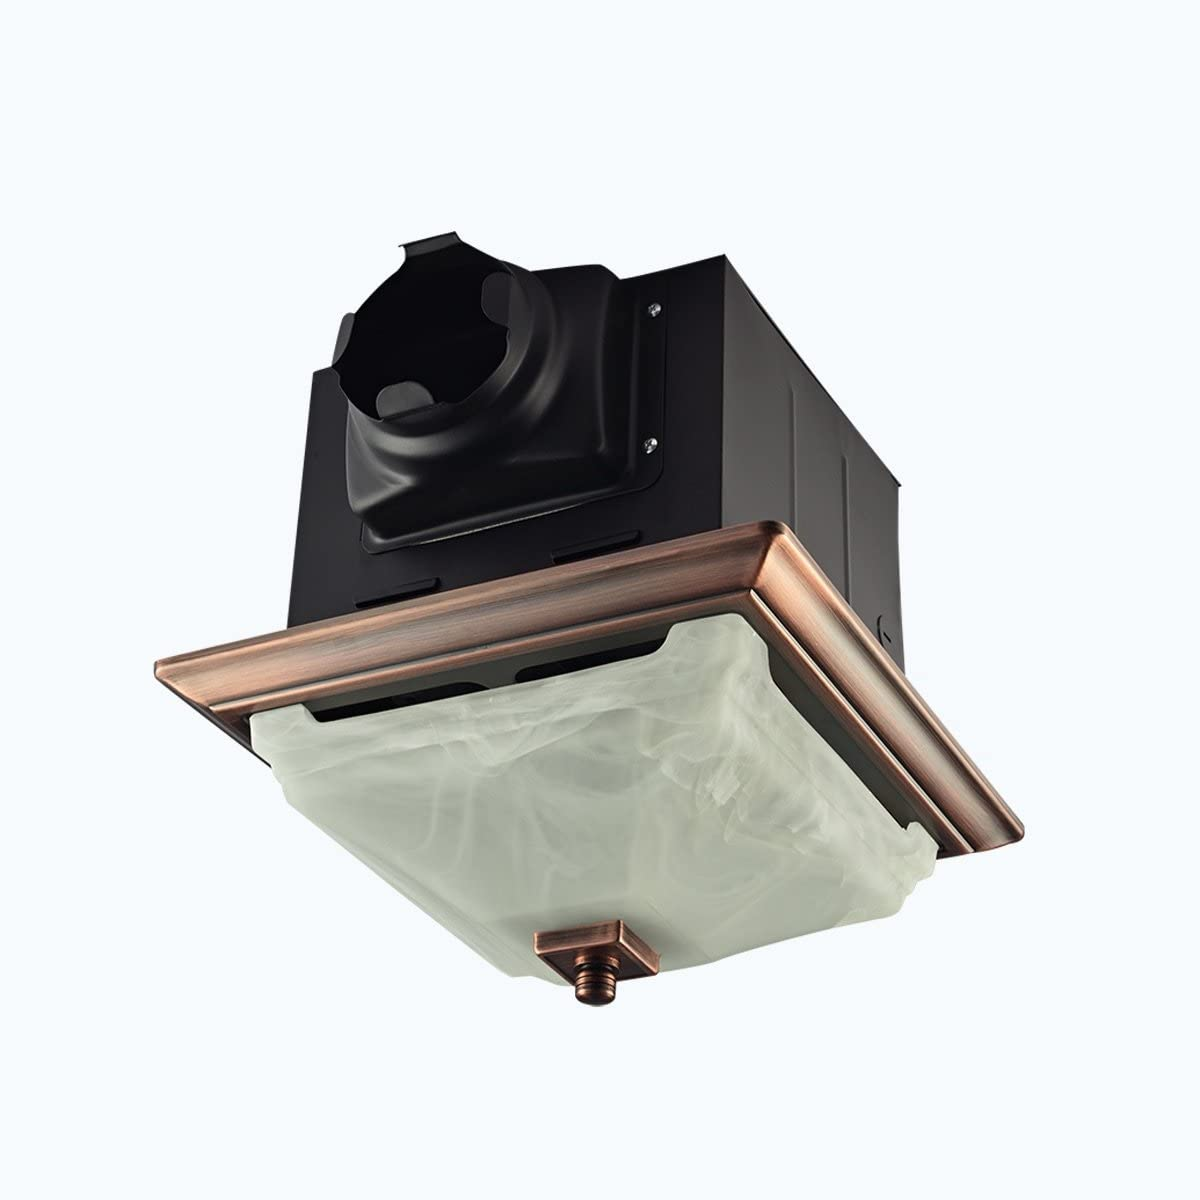 Lift Bridge Kitchen Bath DSQR110ORB Decorative Oil Rubbed Bronze 110CFM Ceiling Light and Glass Globe Exhaust Bath Fan